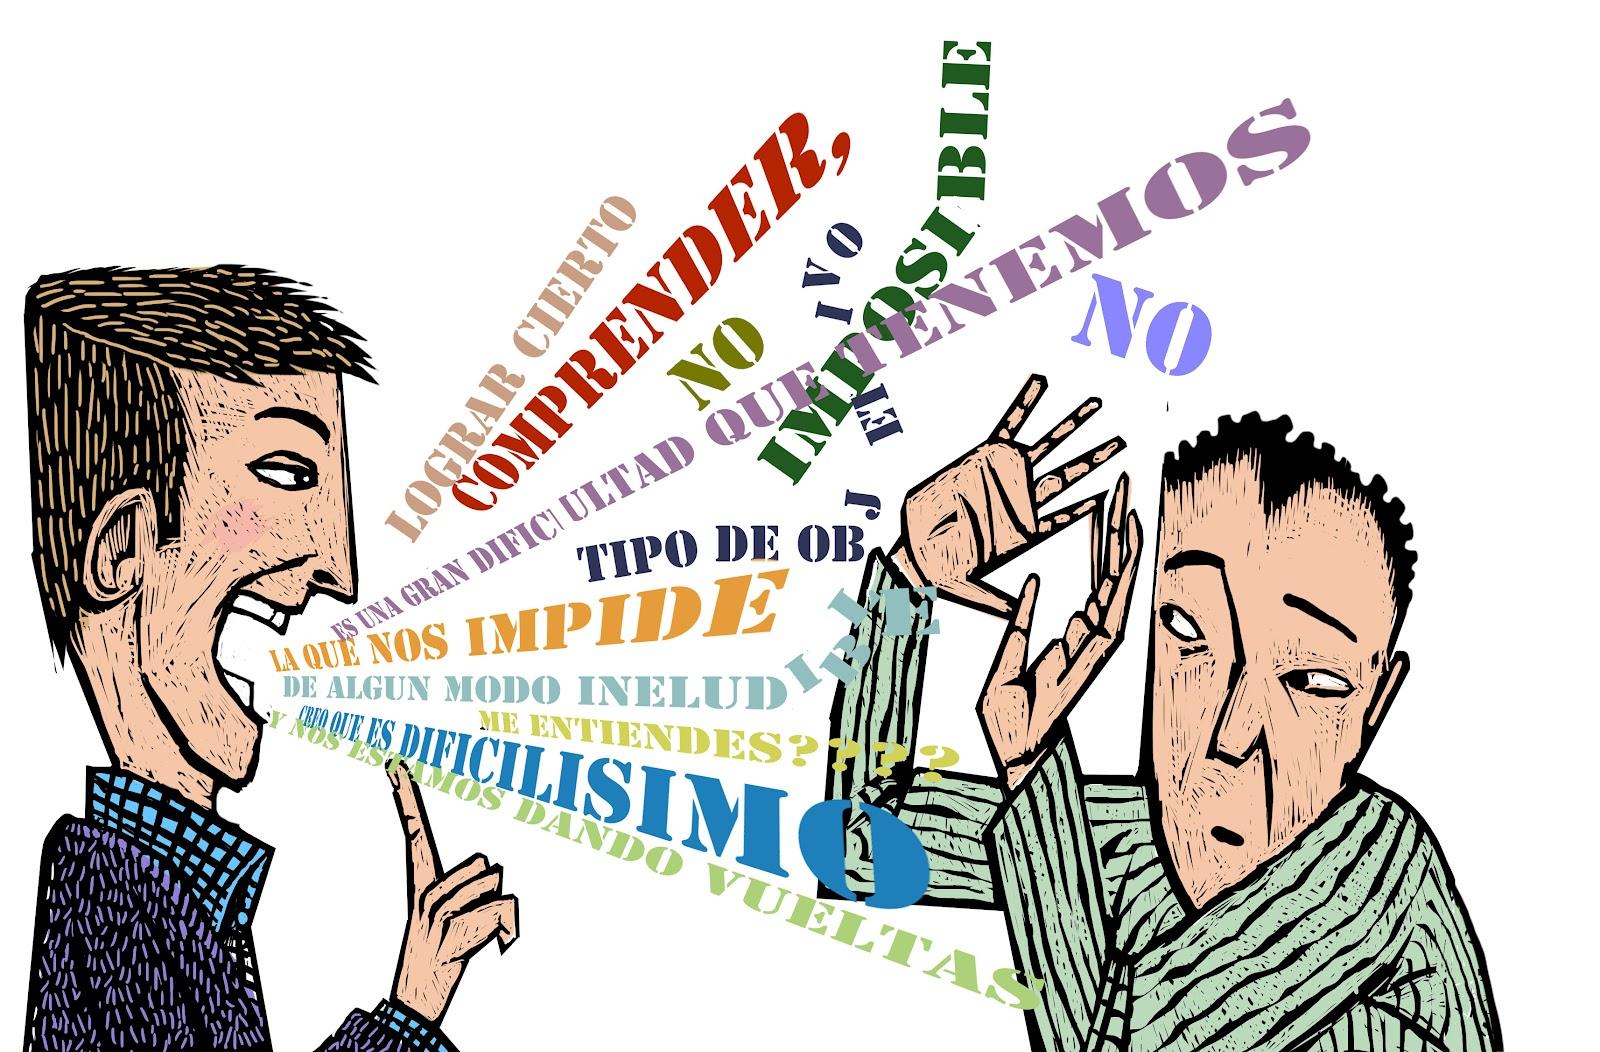 Entrevista para Sndromes Psiquitricos en Nios y